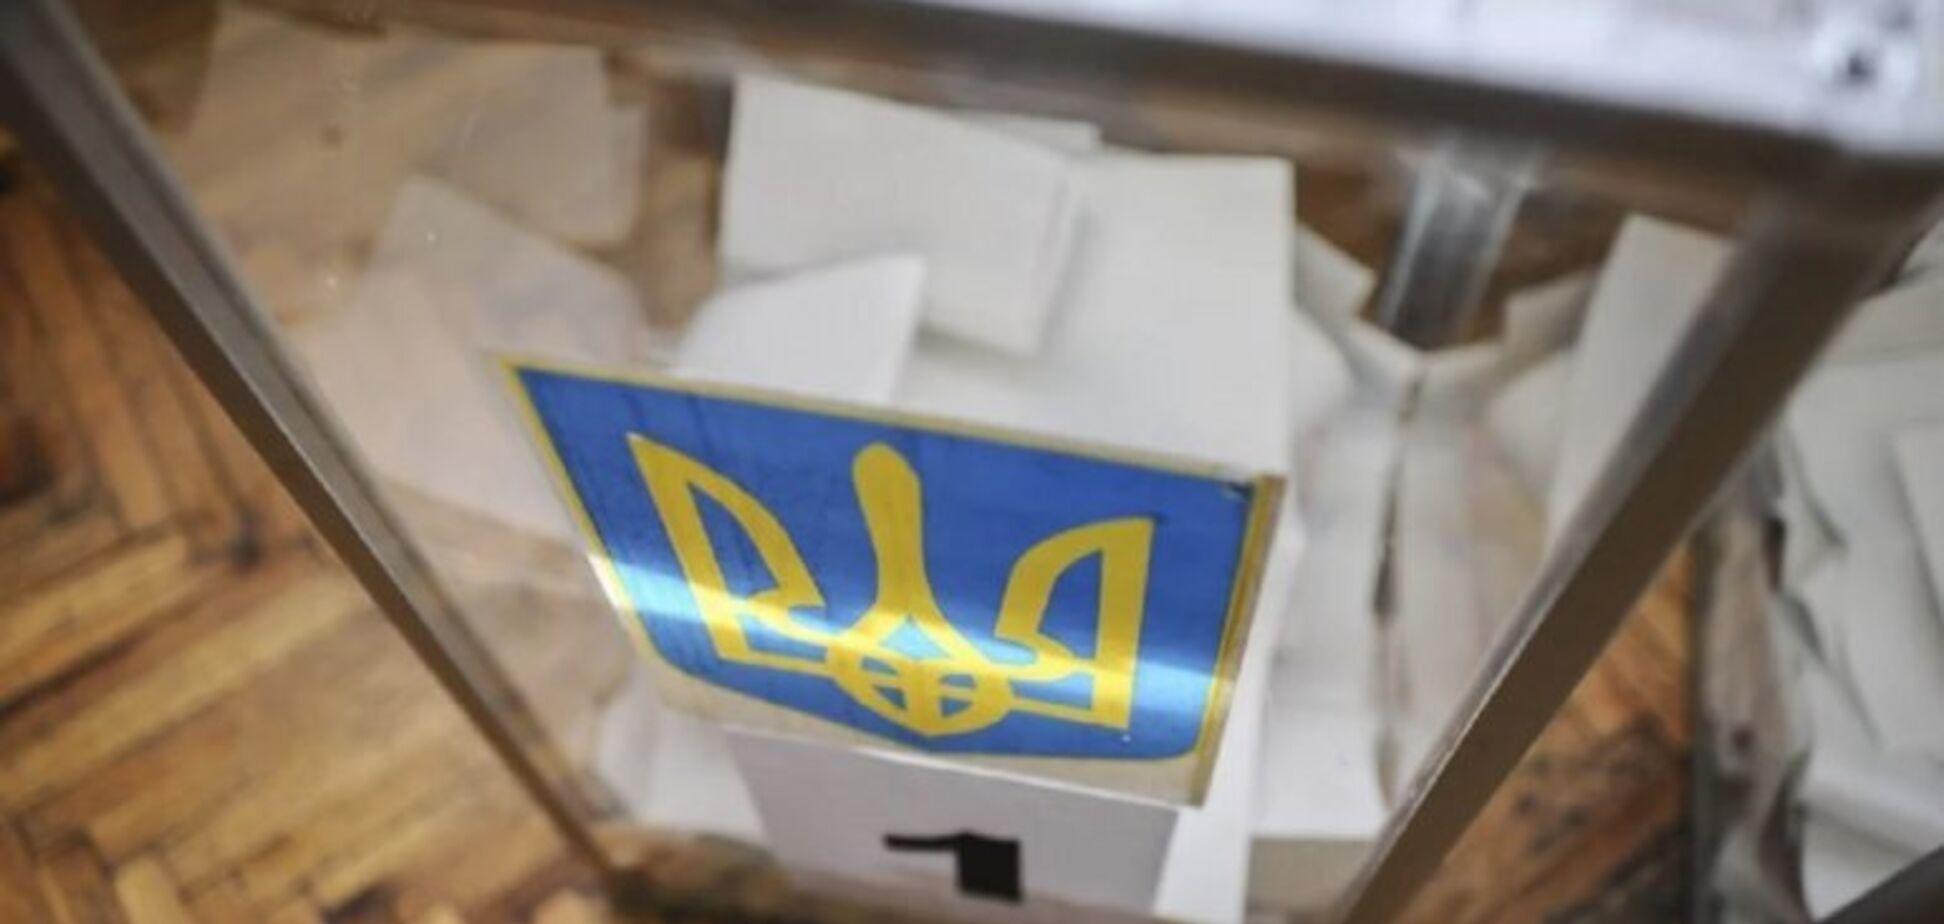 Вибори в Україні: ЦВК спростила процедуру голосування